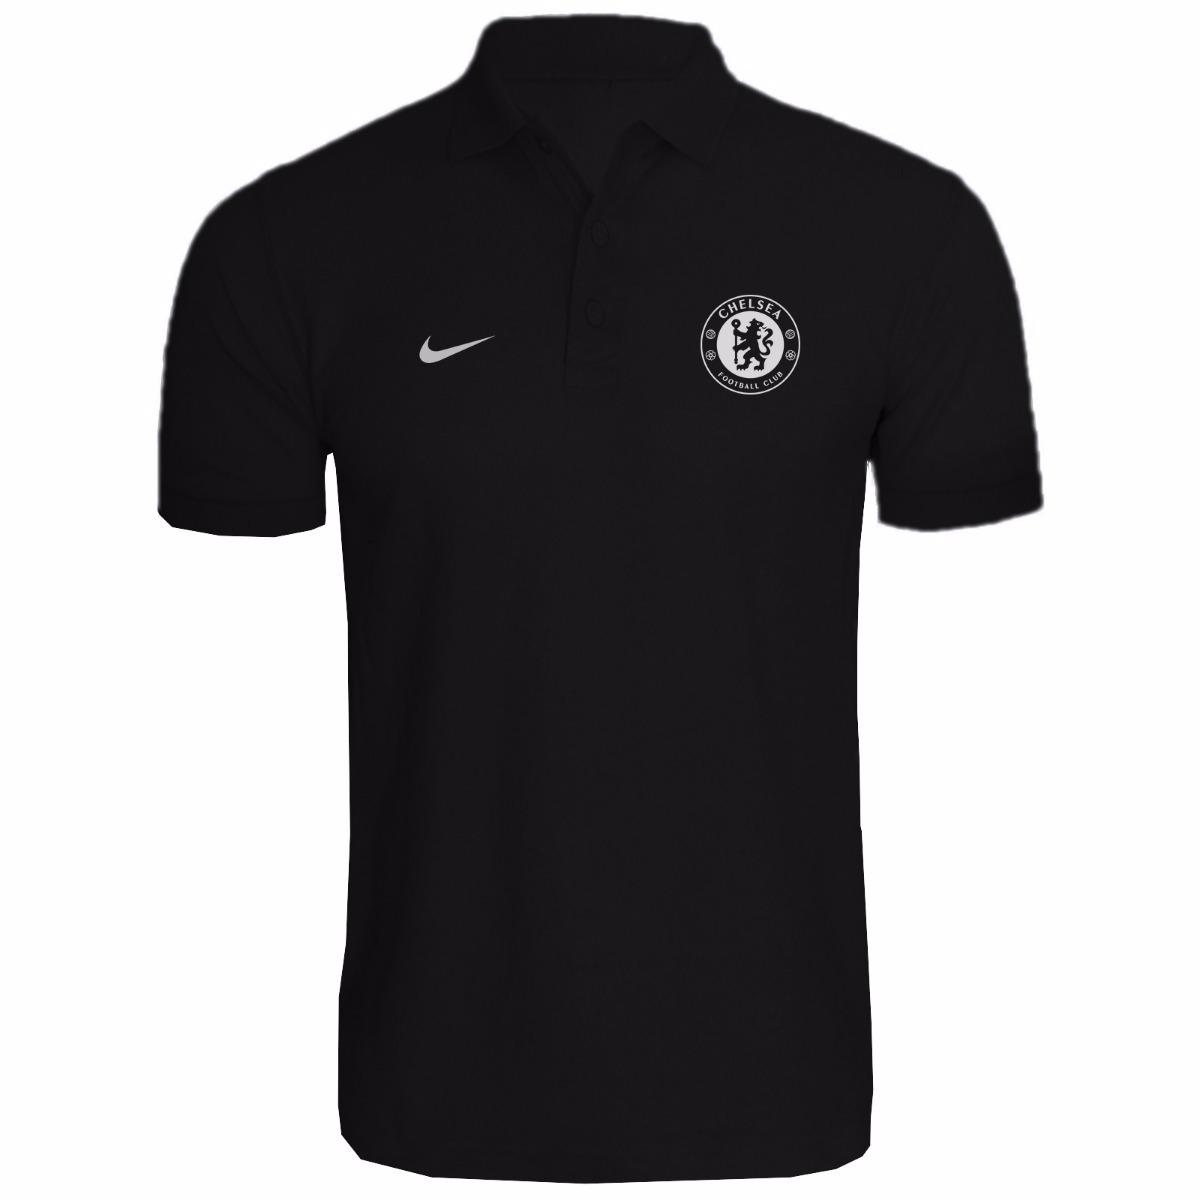 camisa camiseta polo torcedor chelsea fc lançamento 2018. Carregando zoom. ce4a0eef622b4